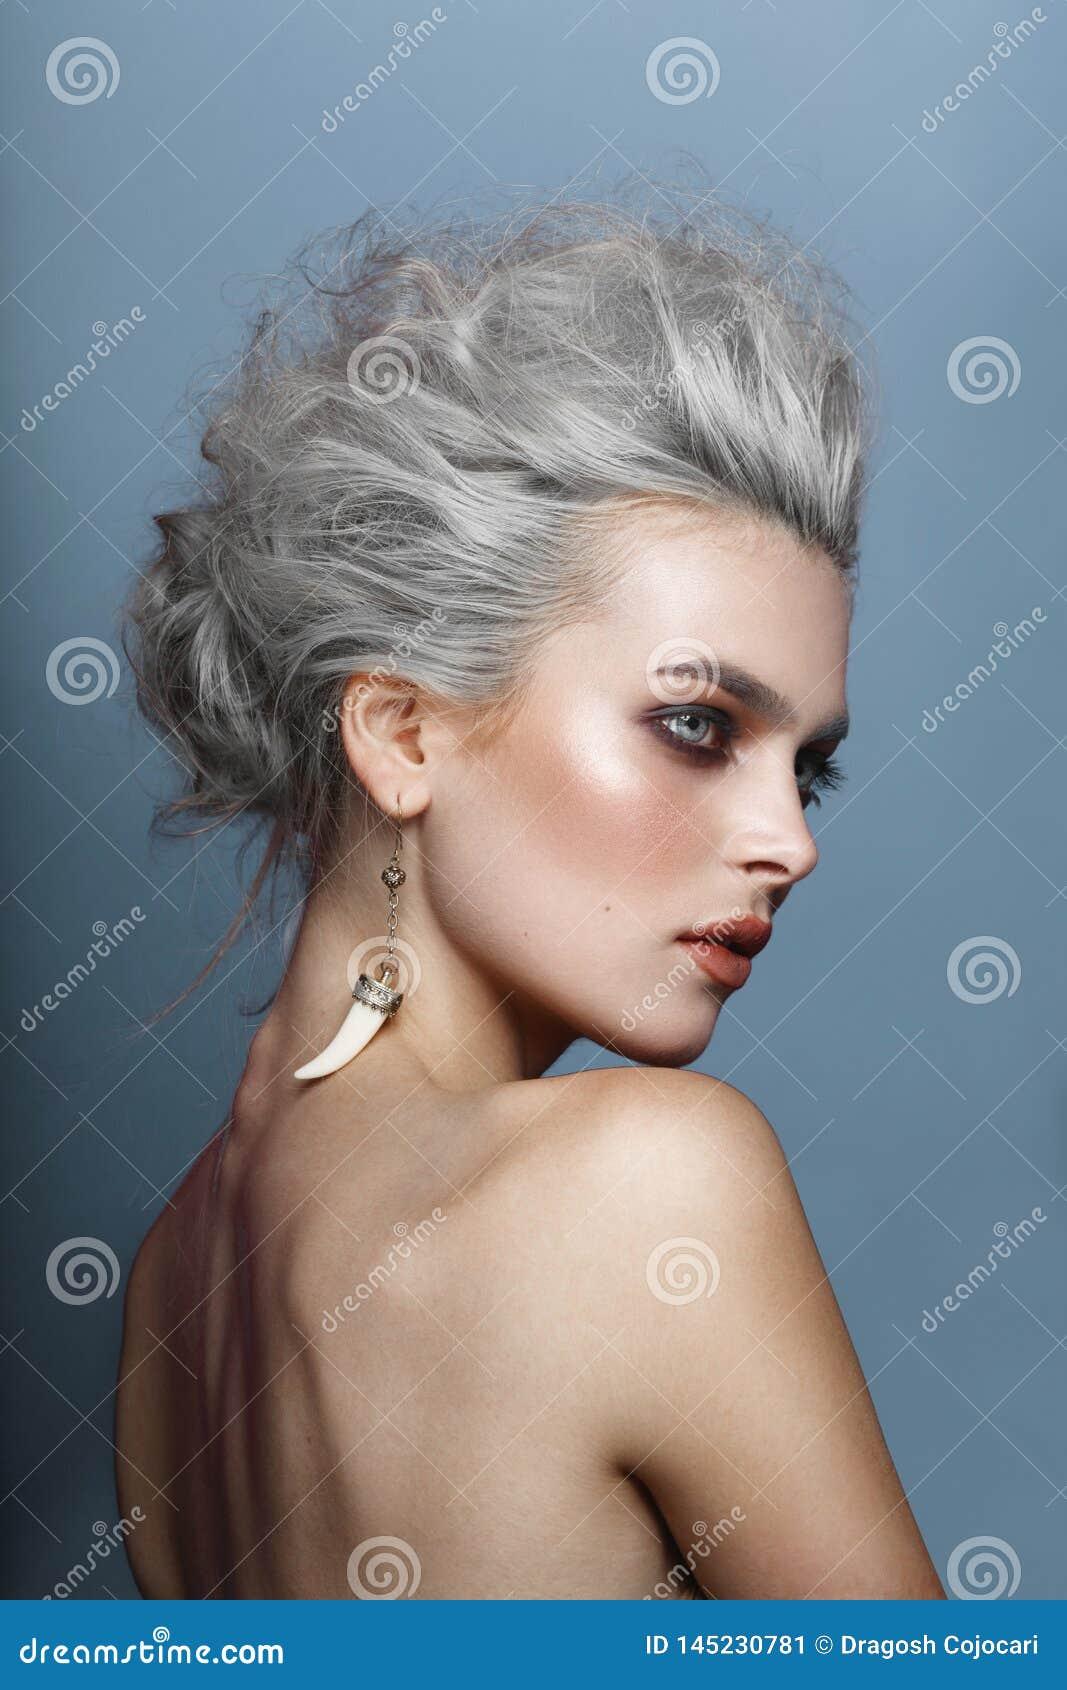 Retrato trasero de una mujer joven con los hombros desnudos, teniendo un pelo que diseña, maquillaje, en un fondo azul